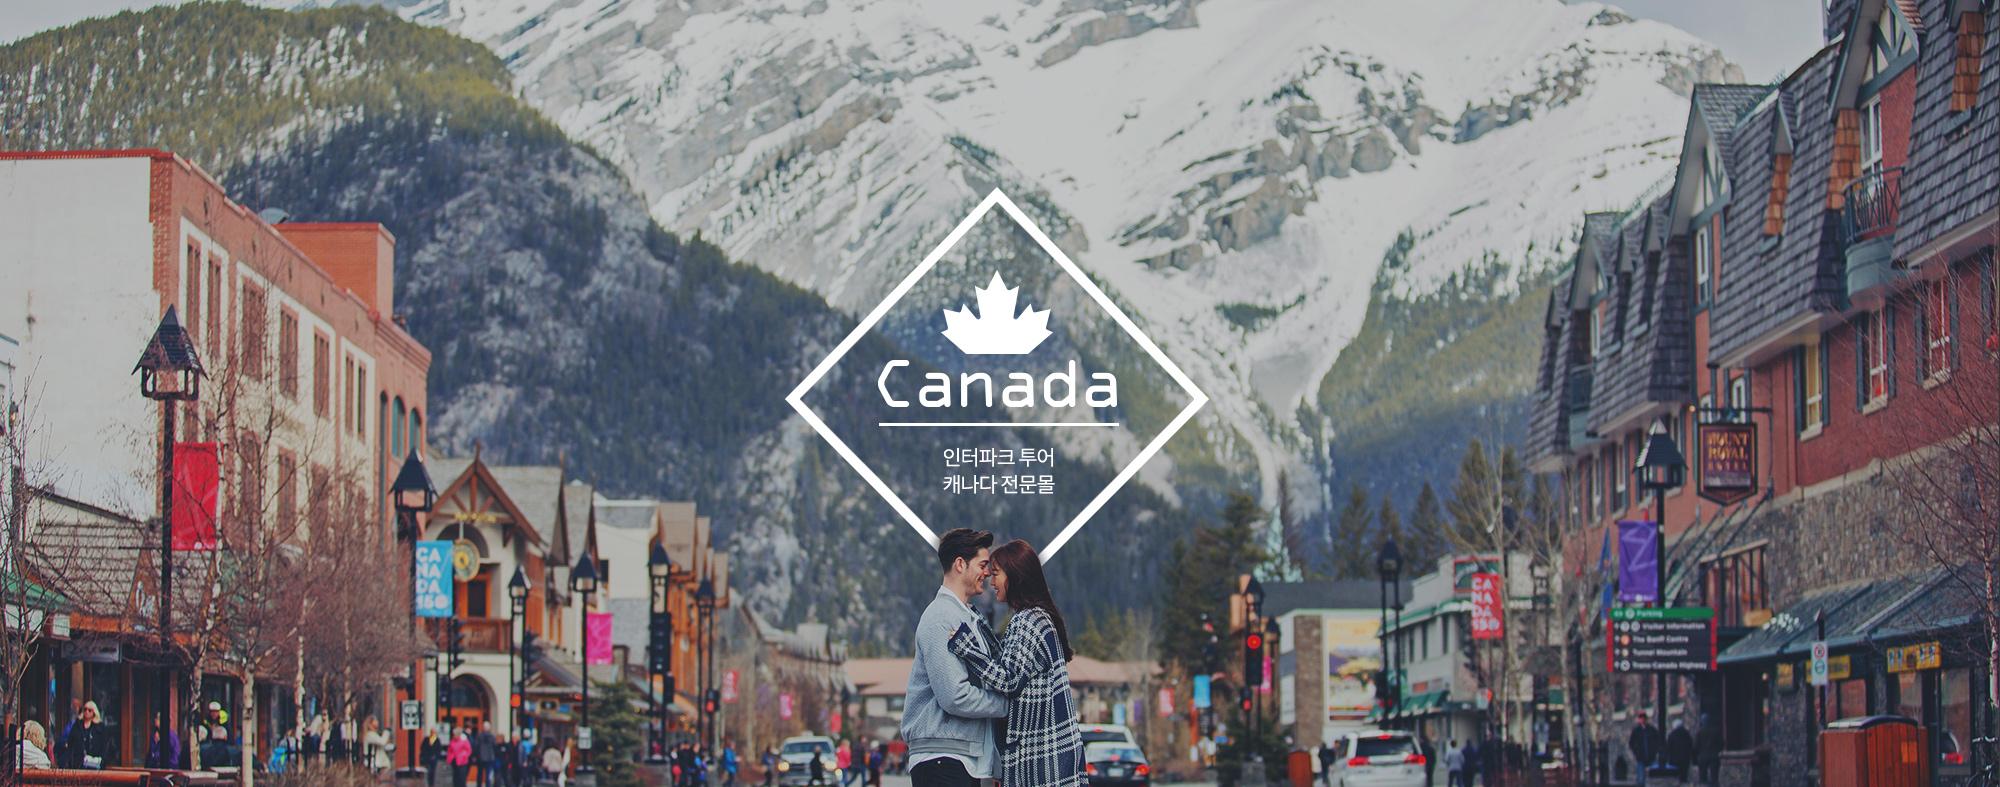 인터파크 투어 캐나다 전문몰